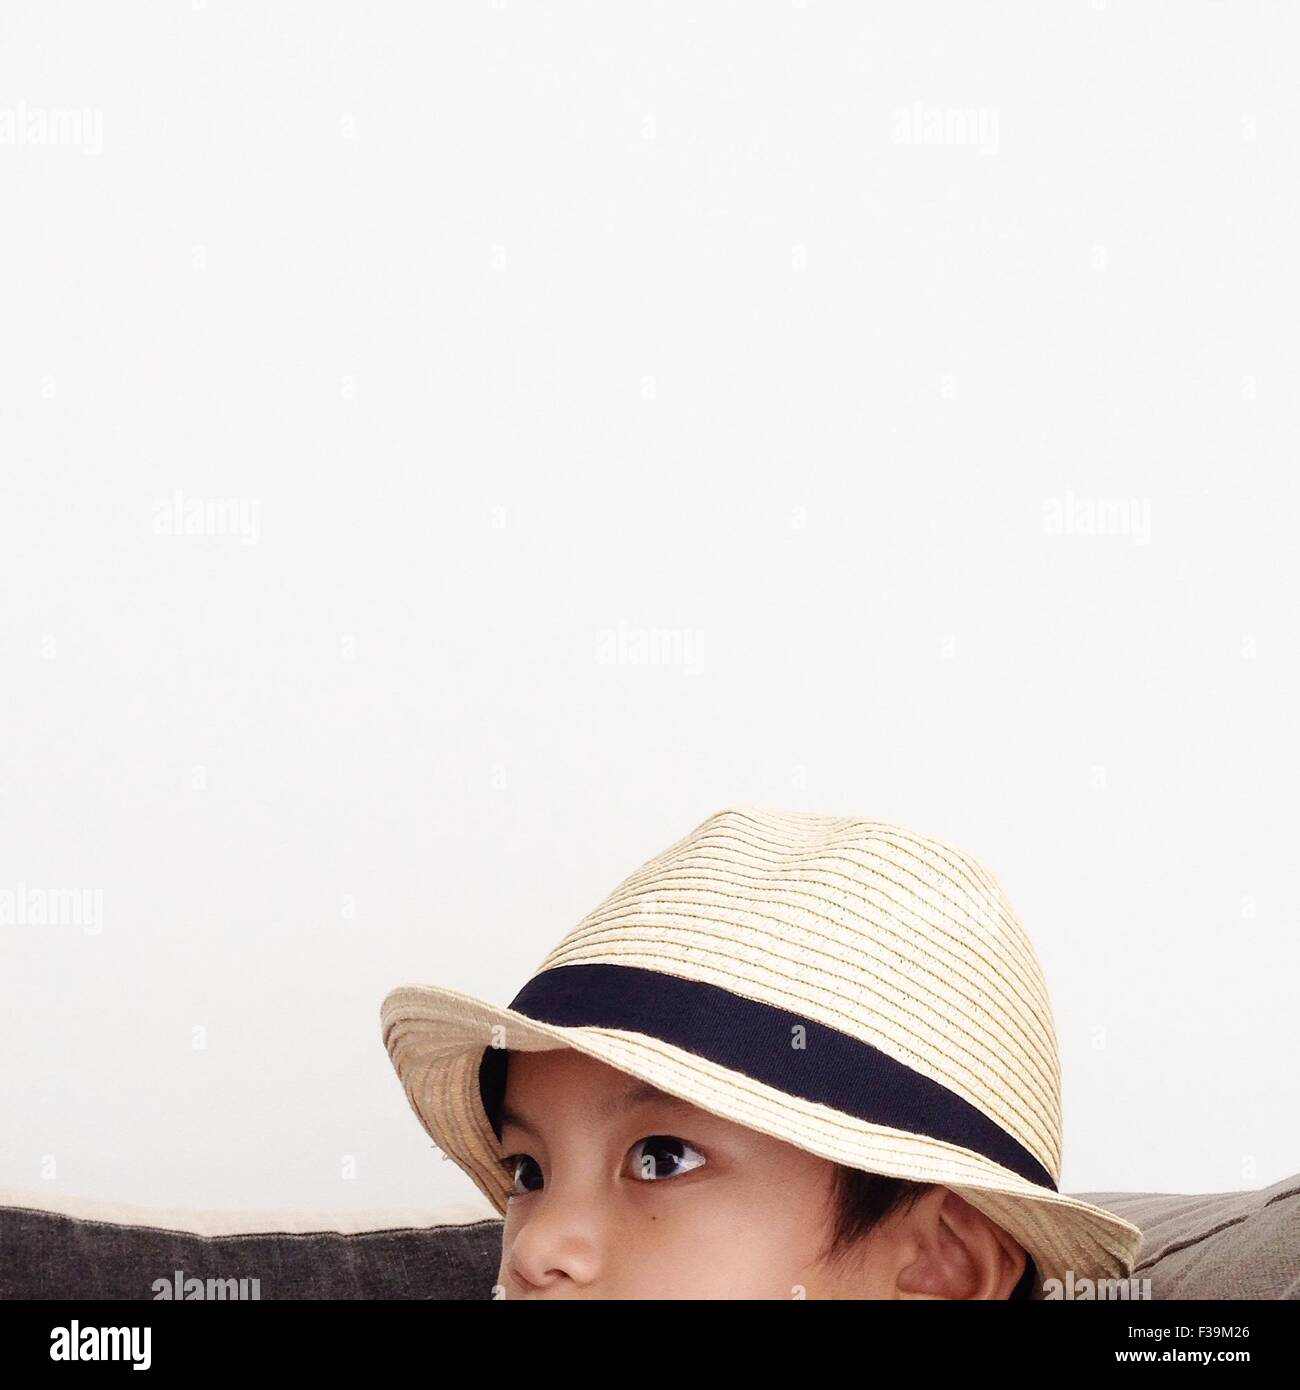 Bildnis eines Knaben mit Stroh Hut Stockfoto